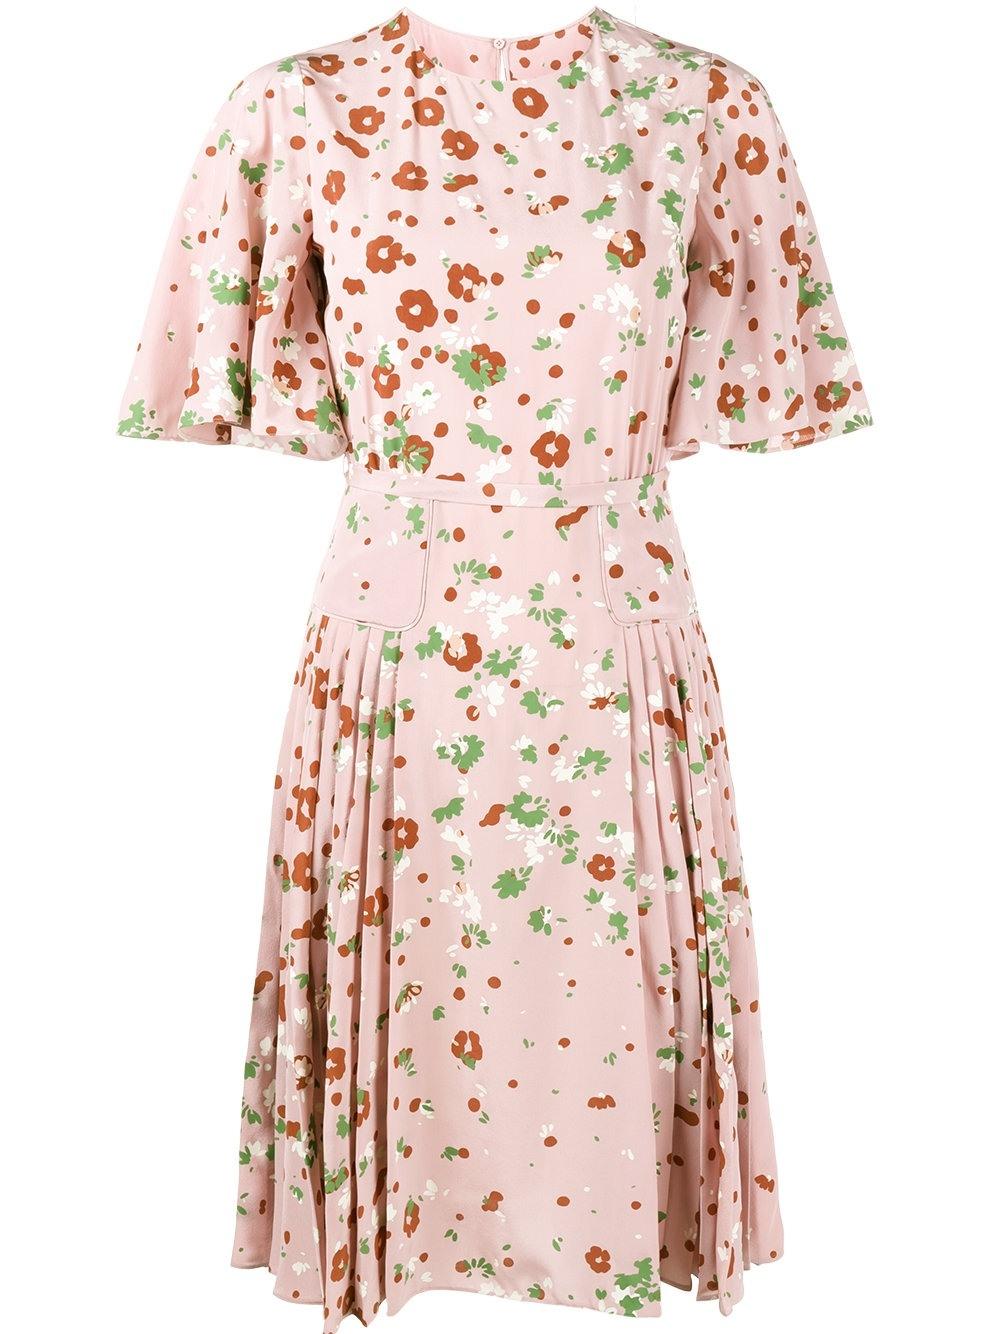 Genial Tageskleider Damen Galerie17 Schön Tageskleider Damen Stylish